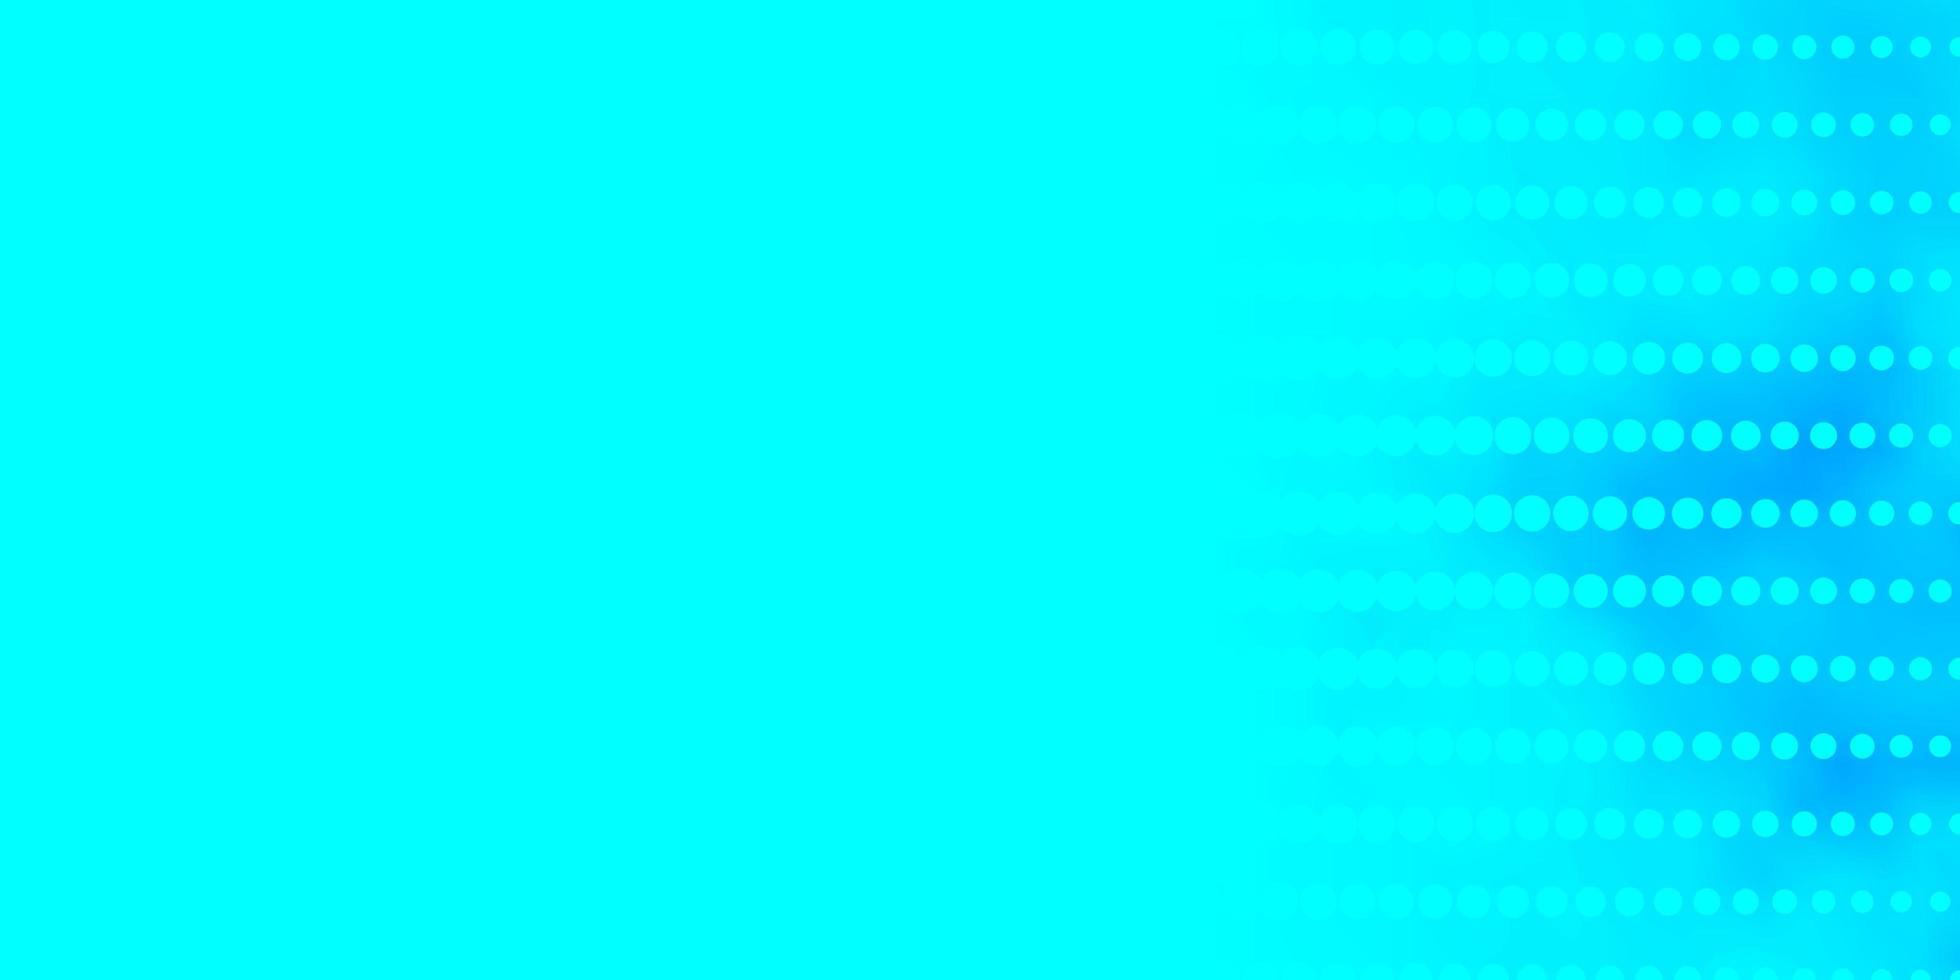 toile de fond de vecteur bleu clair avec des cercles.